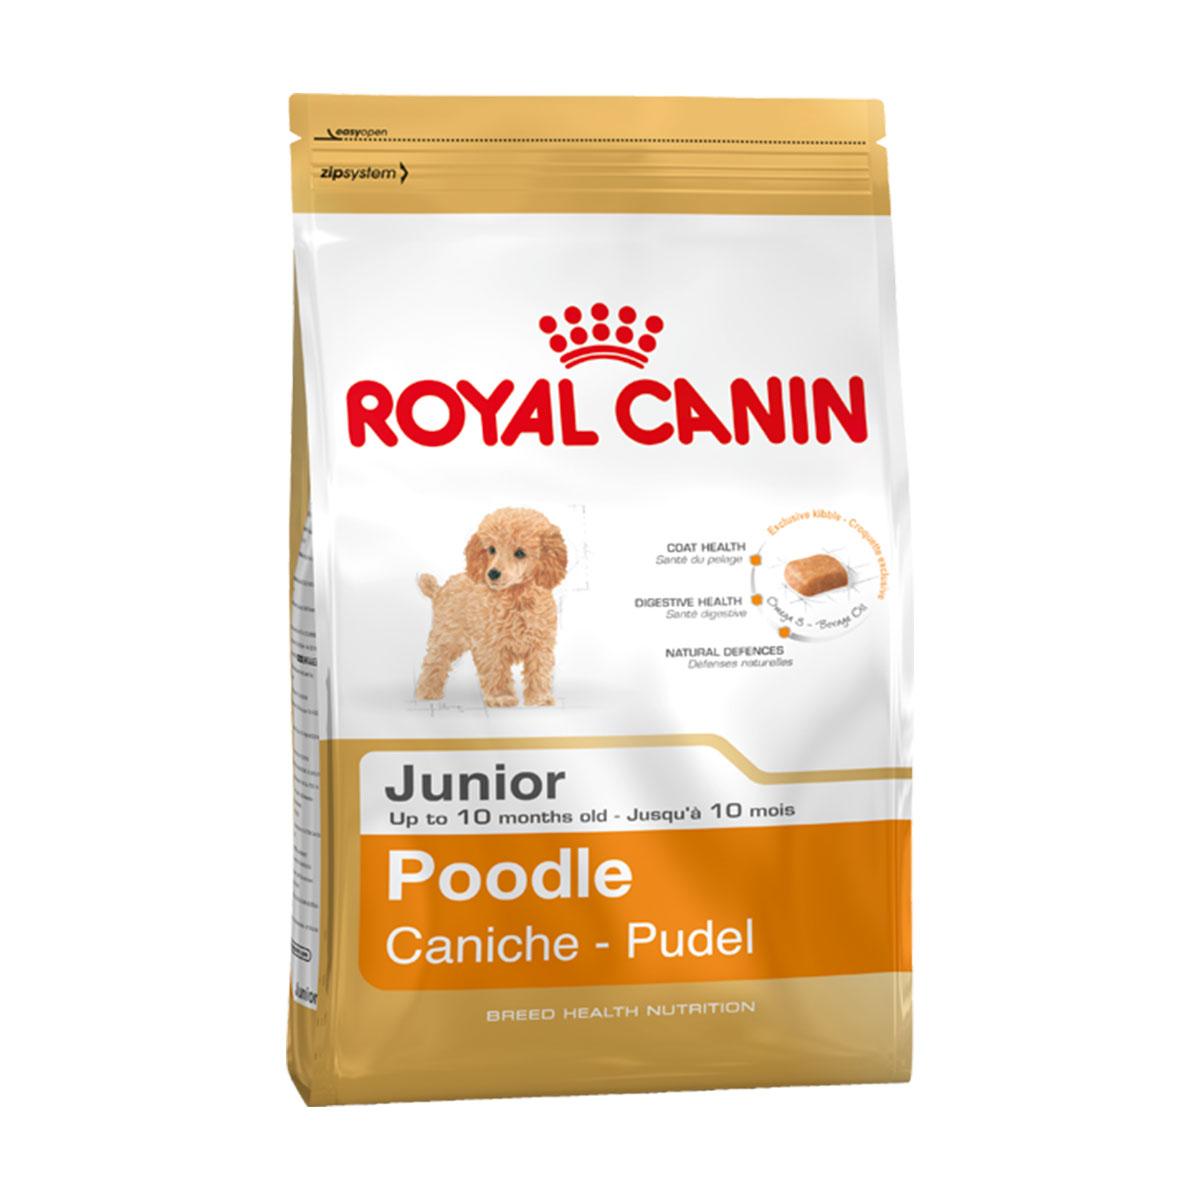 royal canin poodle junior g nstig kaufen bei zooroyal. Black Bedroom Furniture Sets. Home Design Ideas